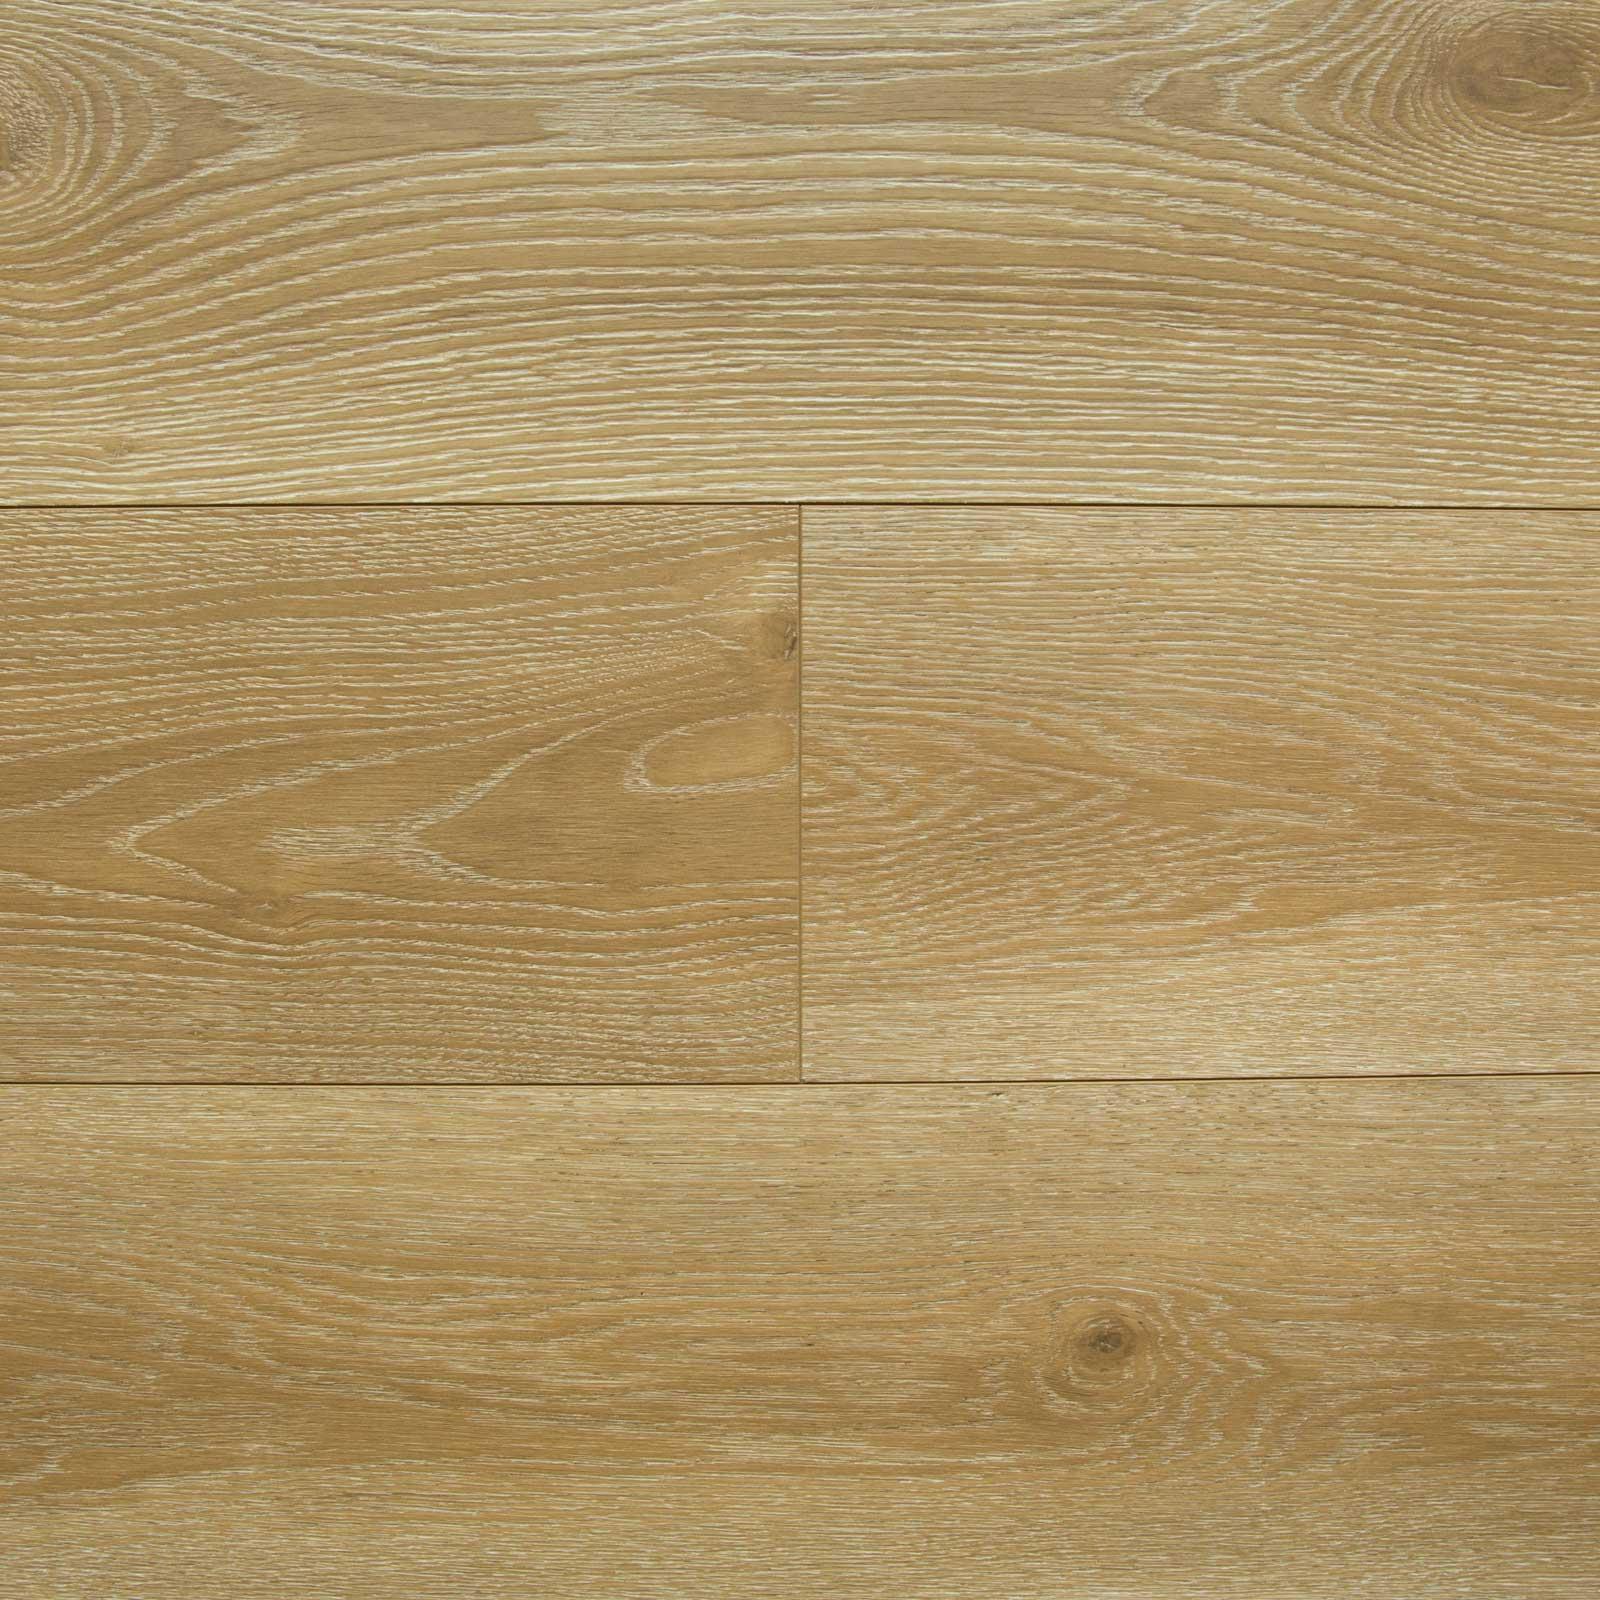 Atlantic-Oak